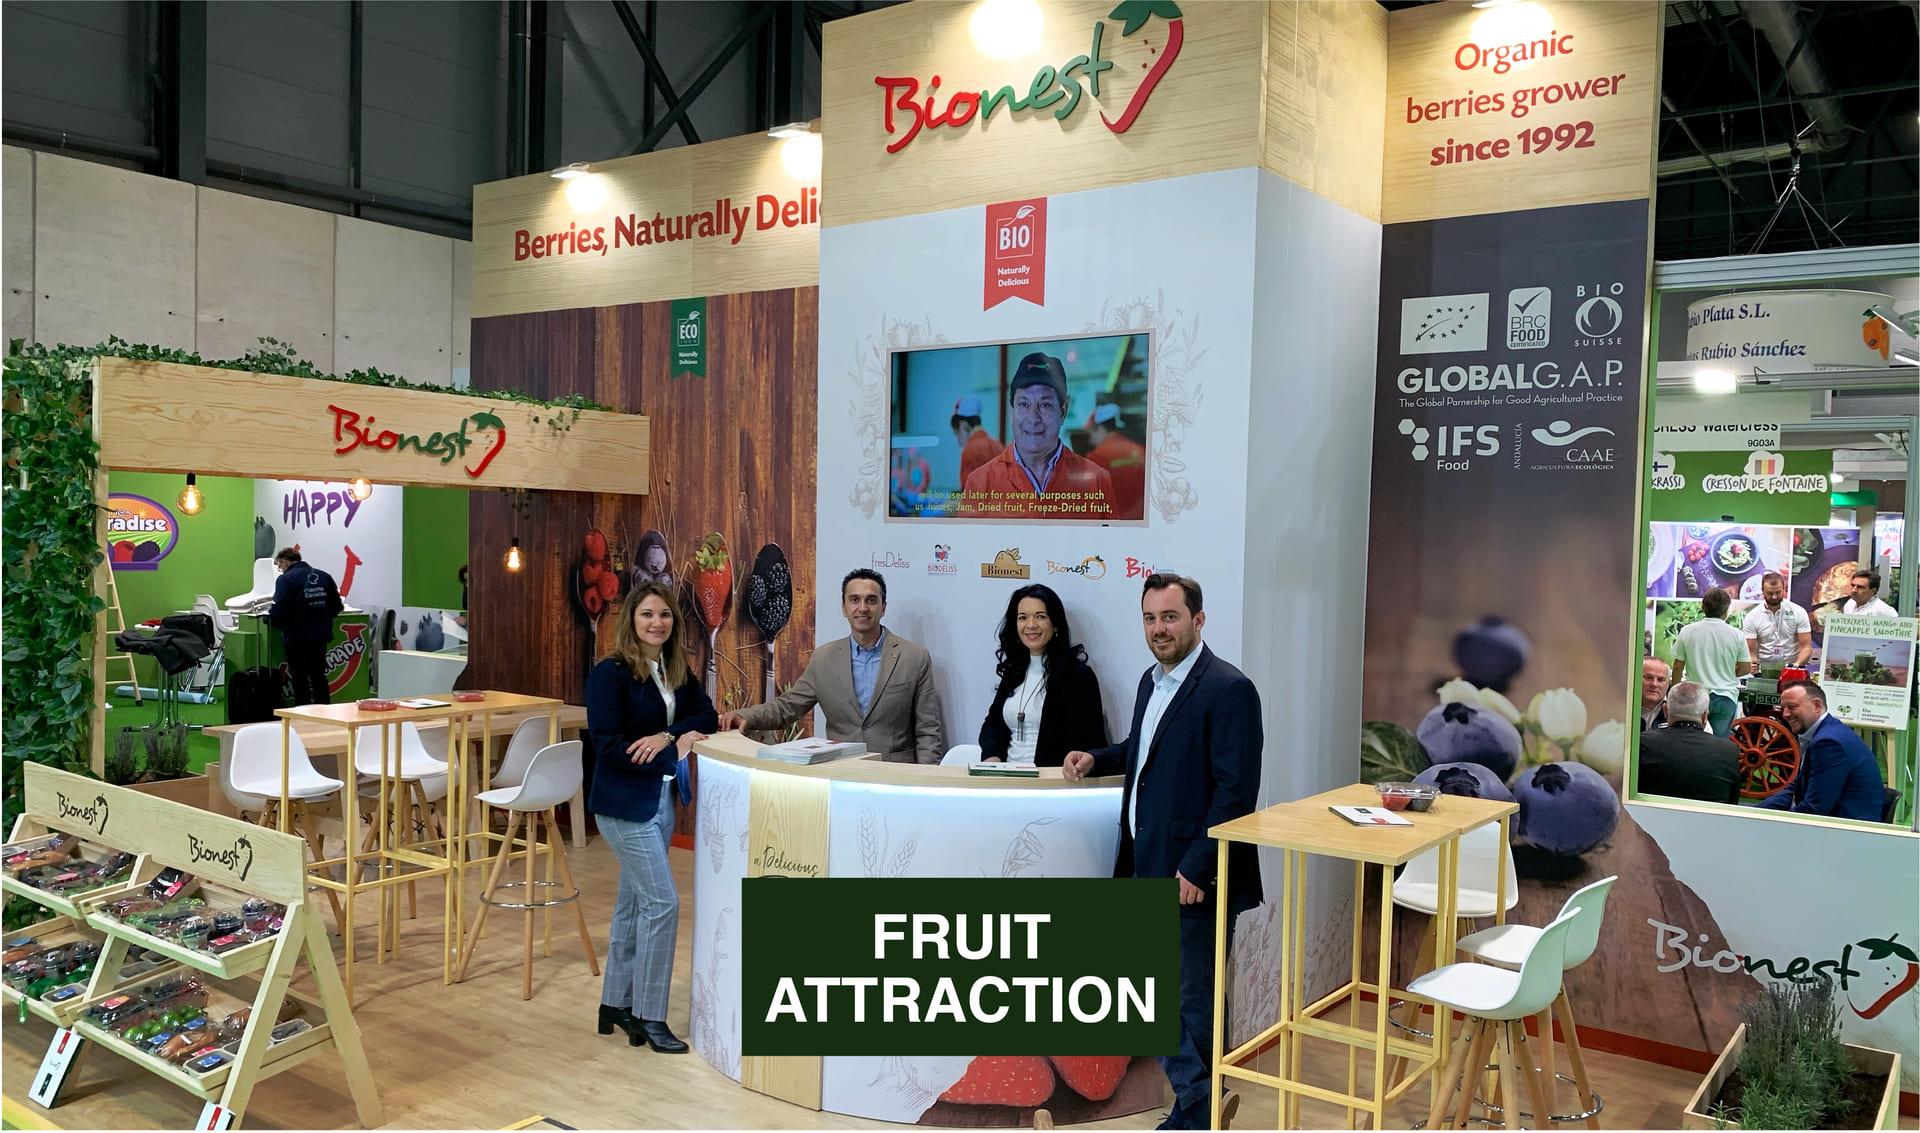 bionest-internacional-frutos-rojos-ecologico-04